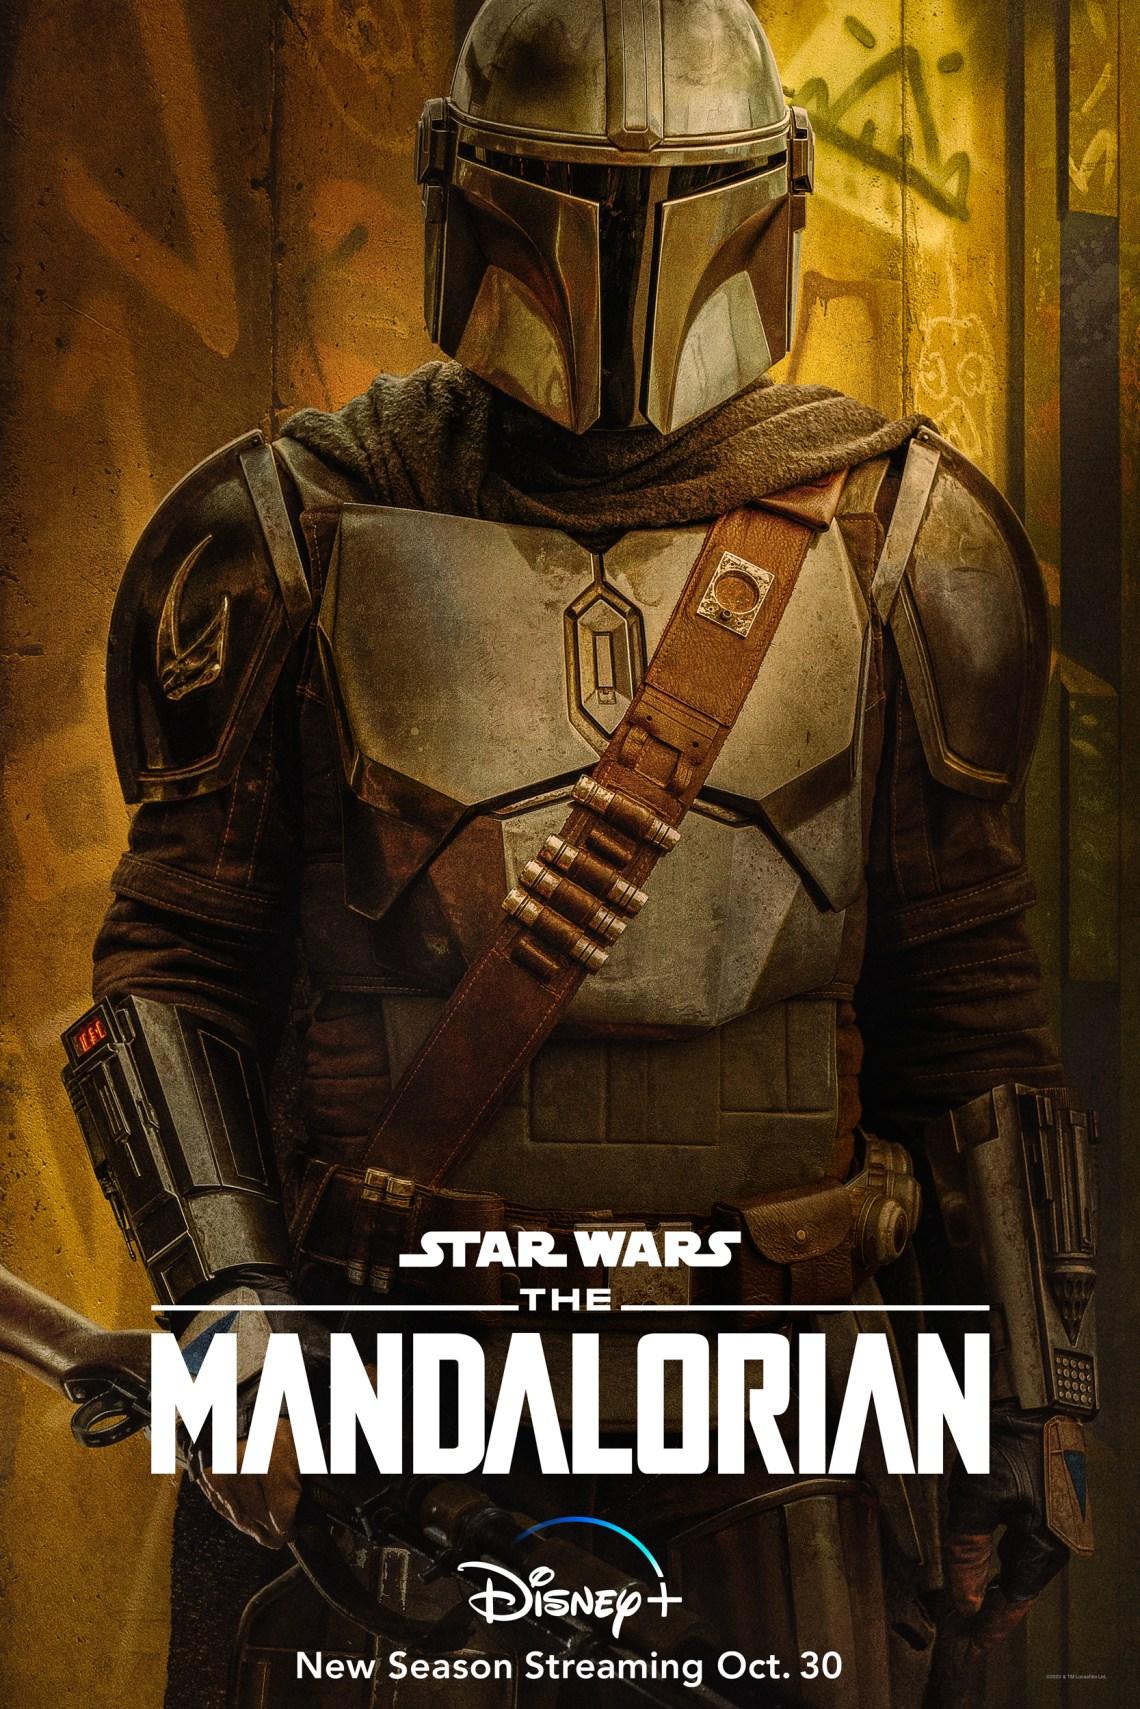 El cartel mandaloriano temporada 2